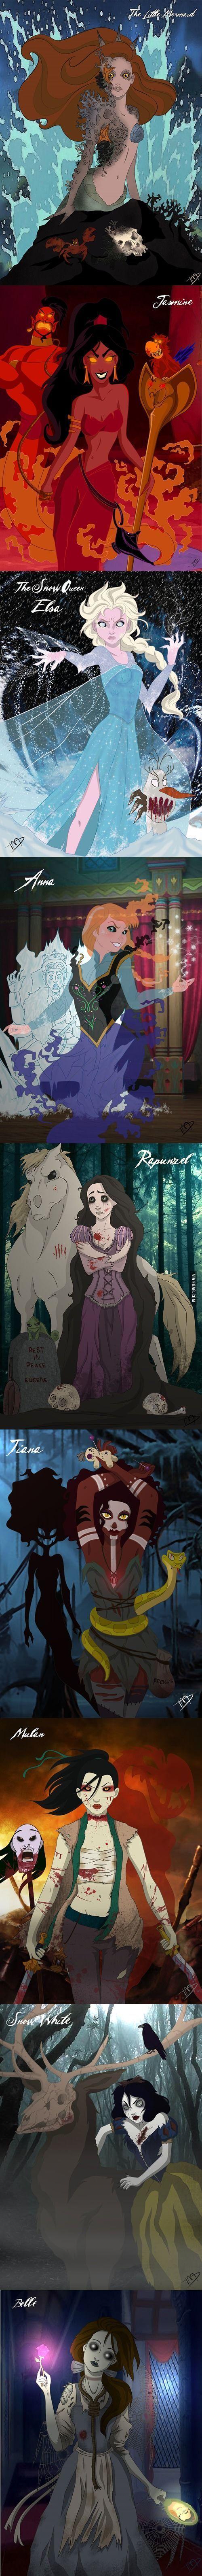 Disney Princess Horror